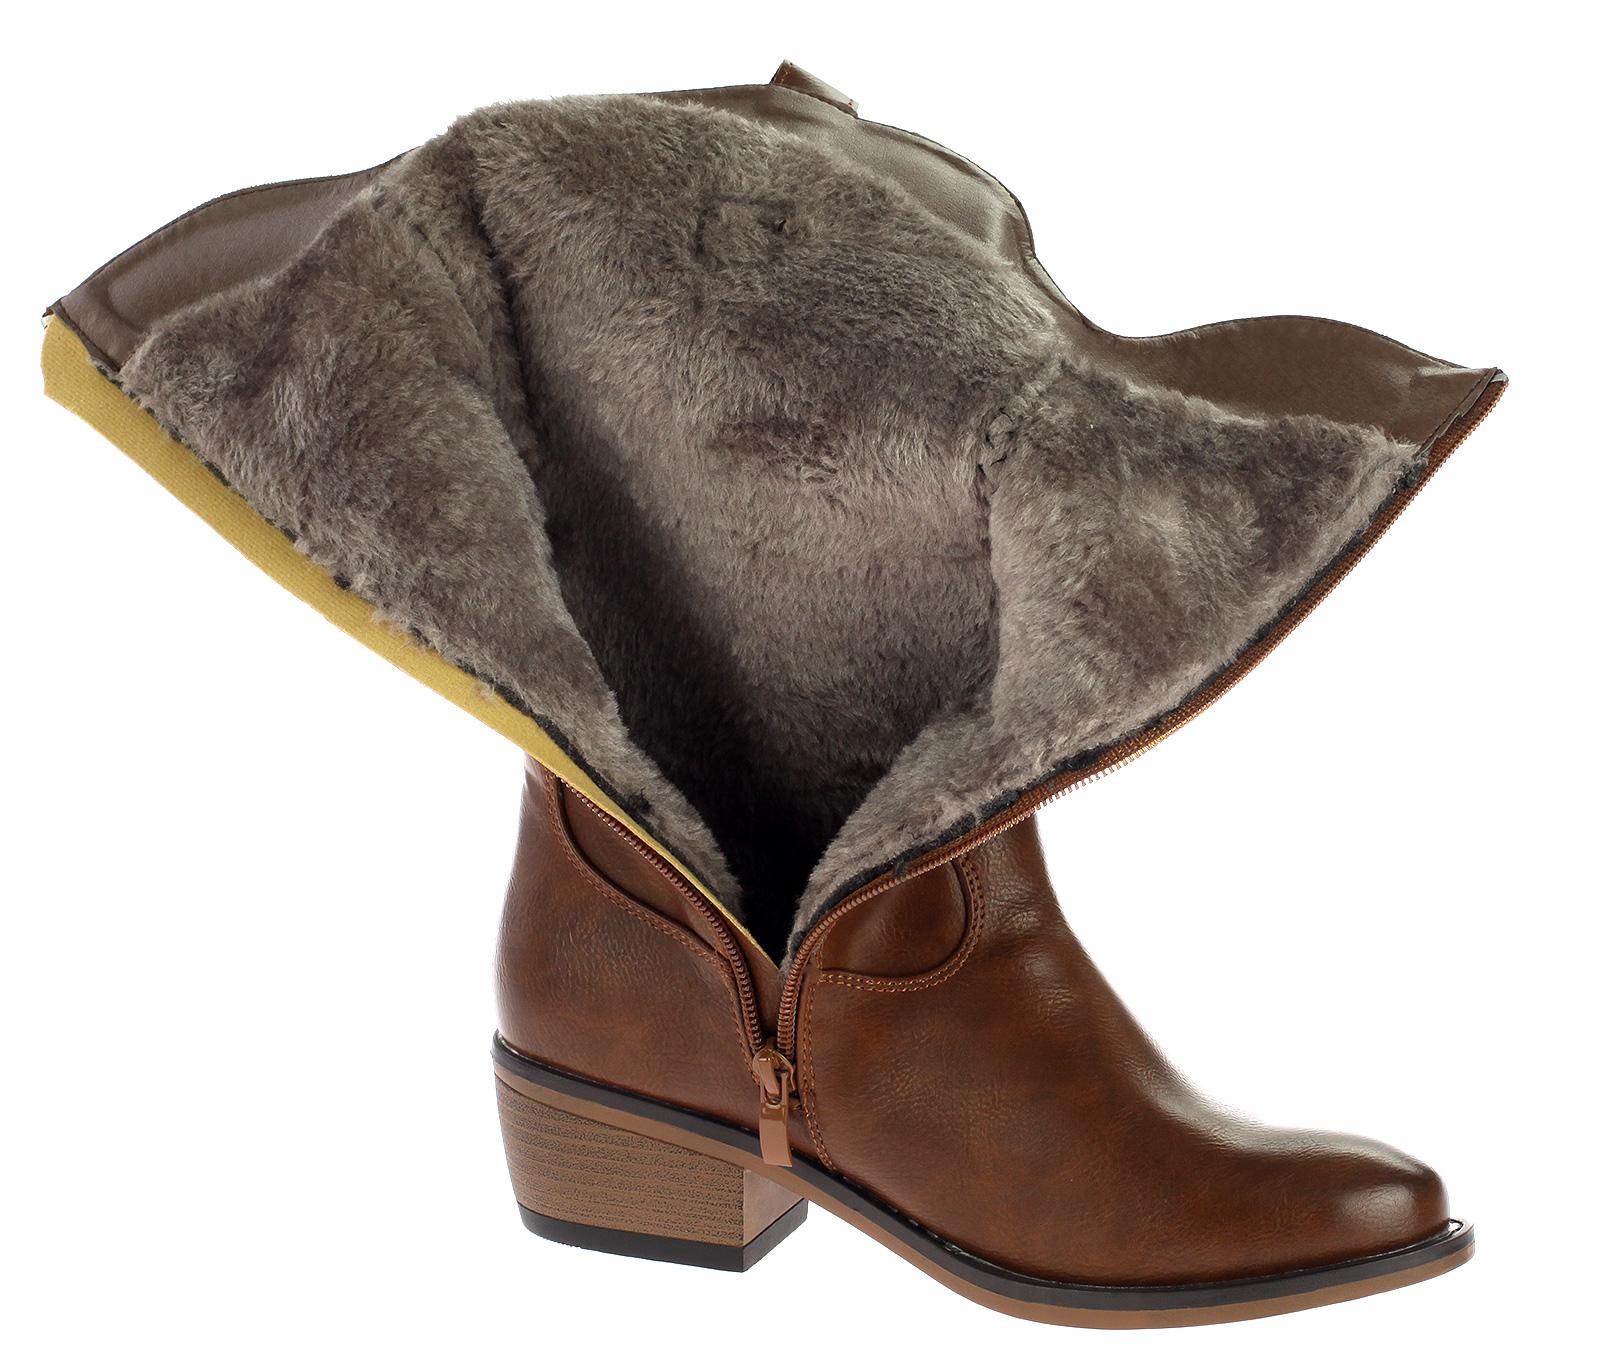 Damen Stiefel Cowboystiefel Boots Gefüttert